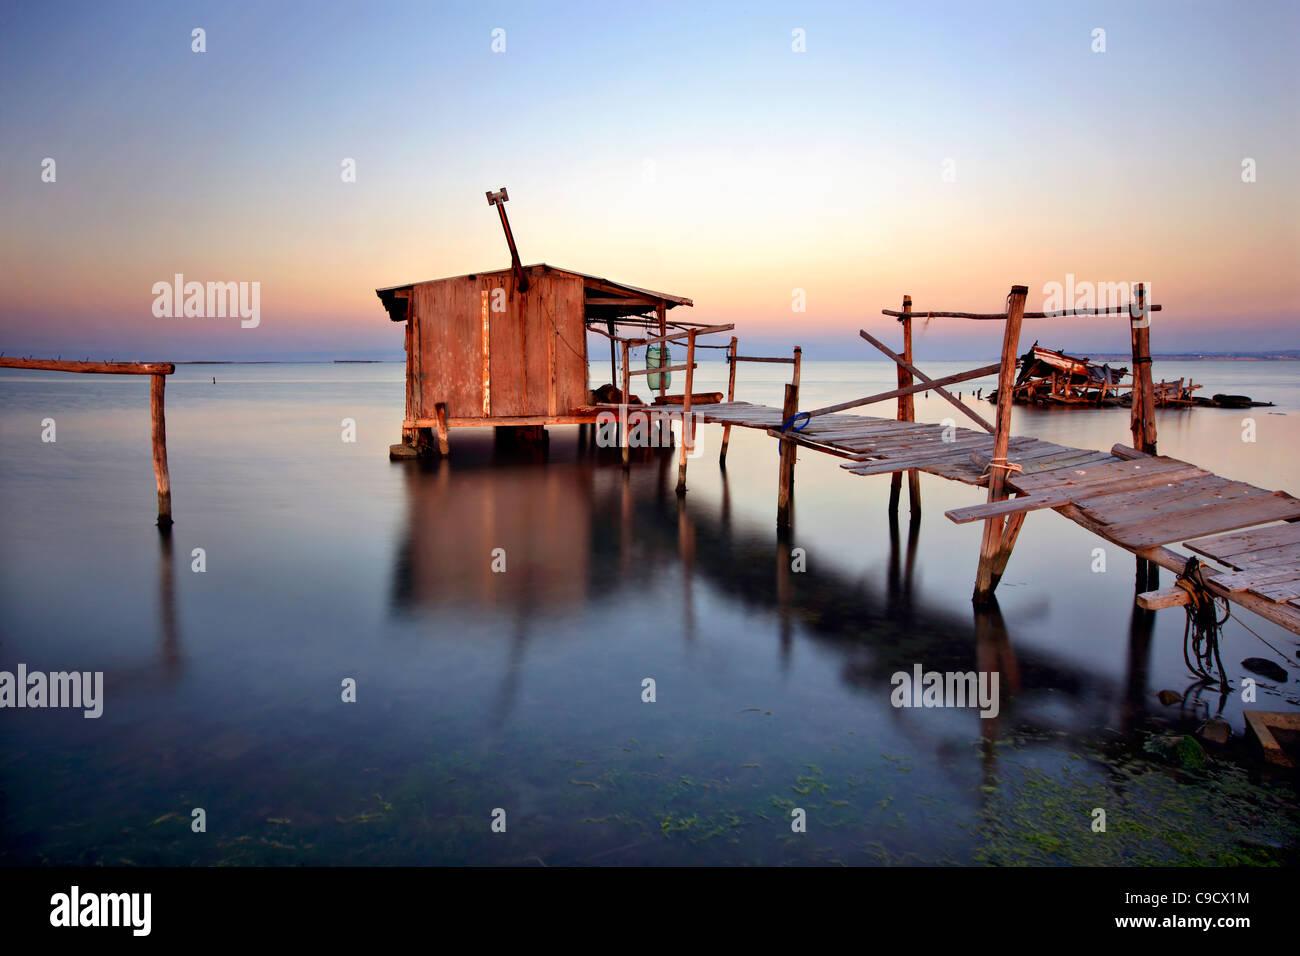 Cabane sur pilotis dans le Delta de l'Axios (aussi connu comme 'Vardaris') Rivière, Thessalonique, Photo Stock